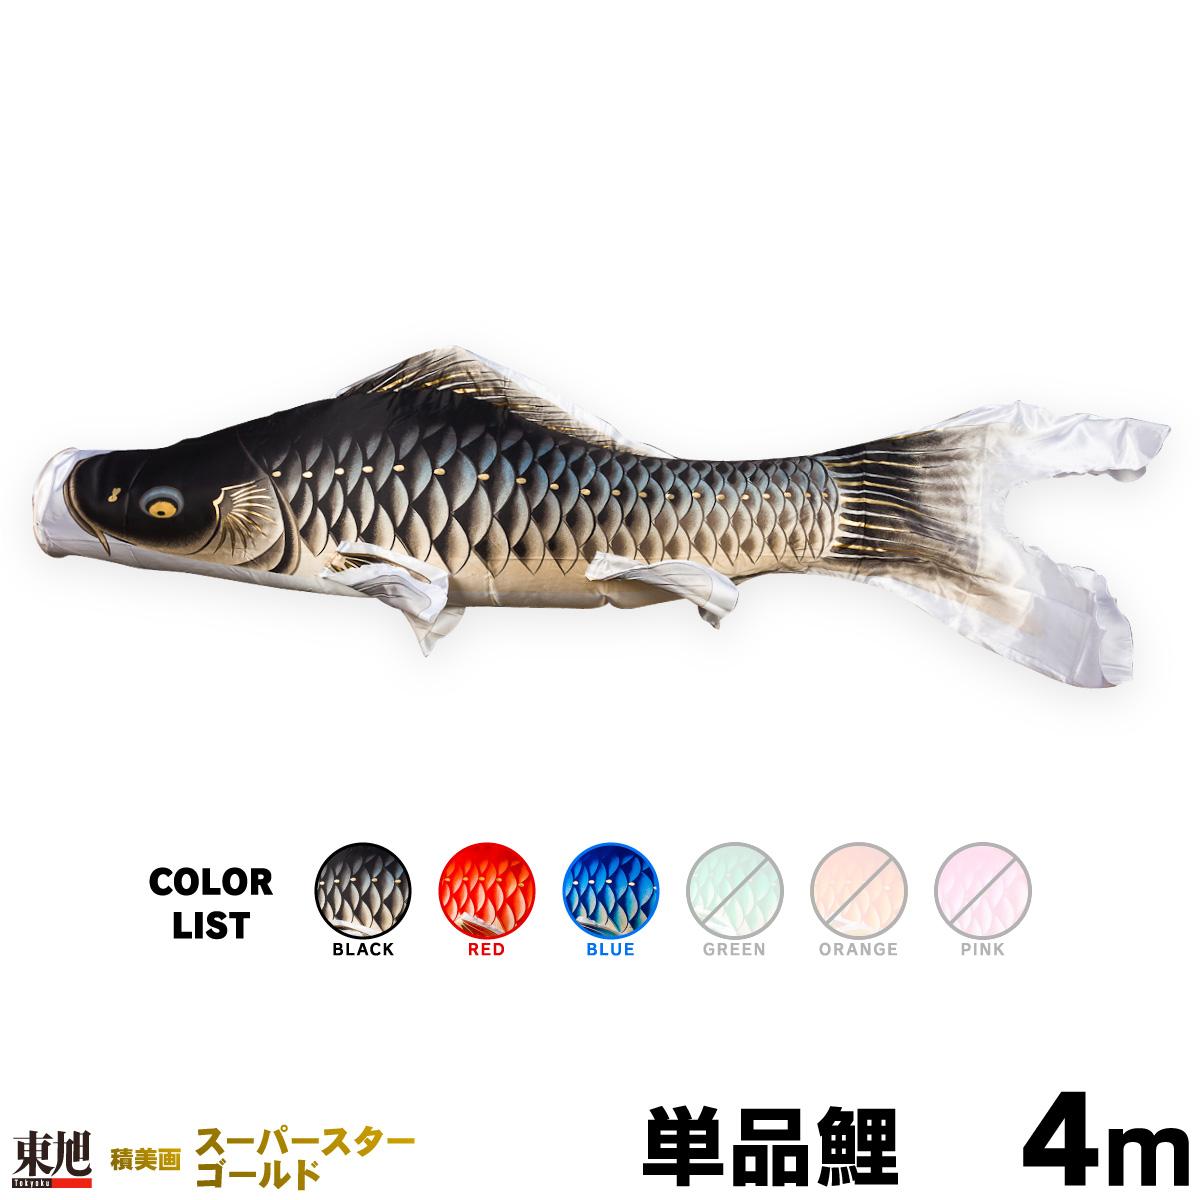 【こいのぼり 単品】 積美画スーパースターゴールド 4m 単品鯉